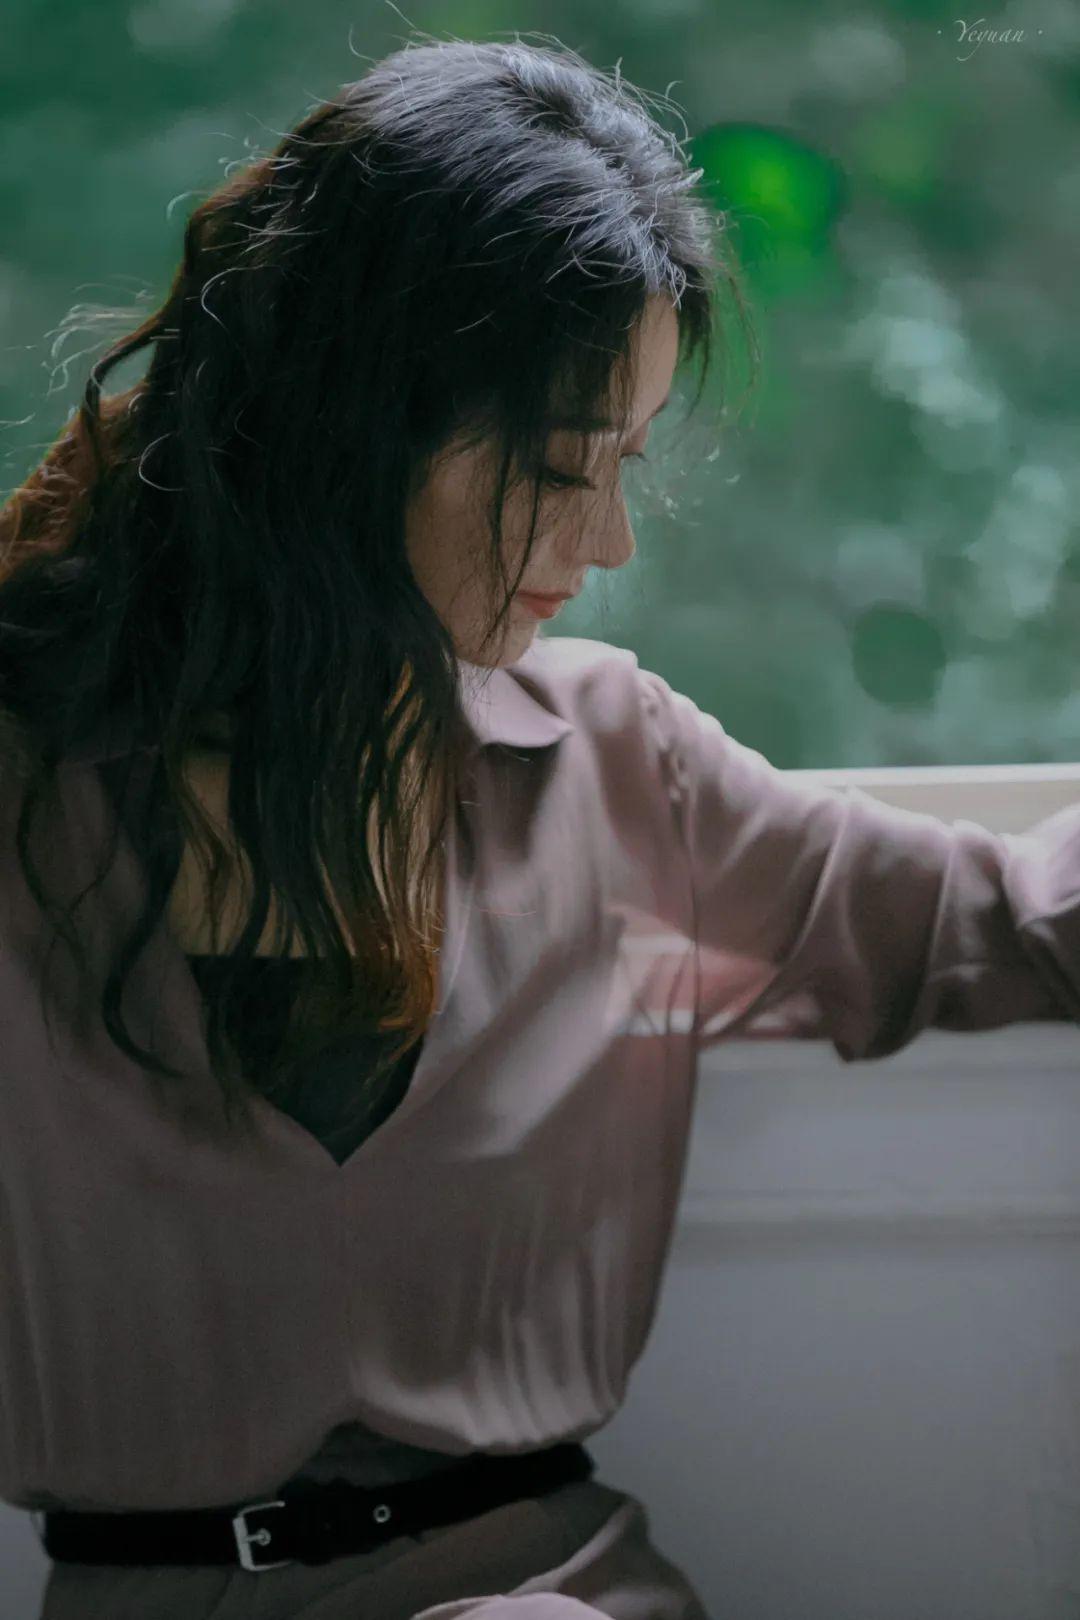 妹子写真 – 赵丽颖和赵露思,都是灵气十足的小仙女啊_图片 No.11